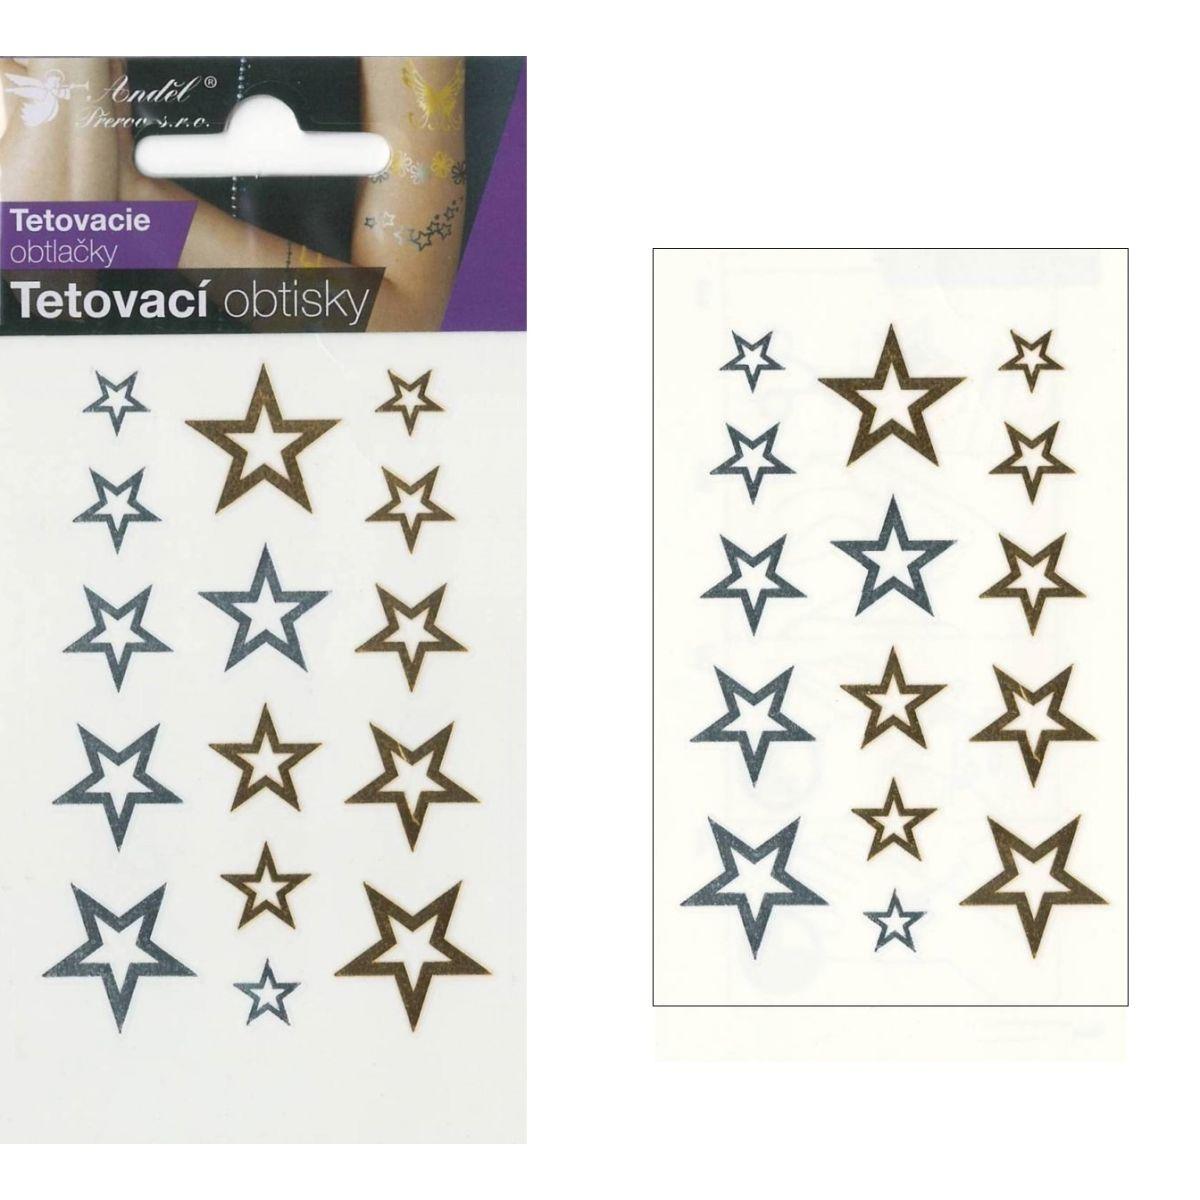 Anděl Tetovací obtisky zlaté a stříbrné 10,5 x 6 cm Hvězdy